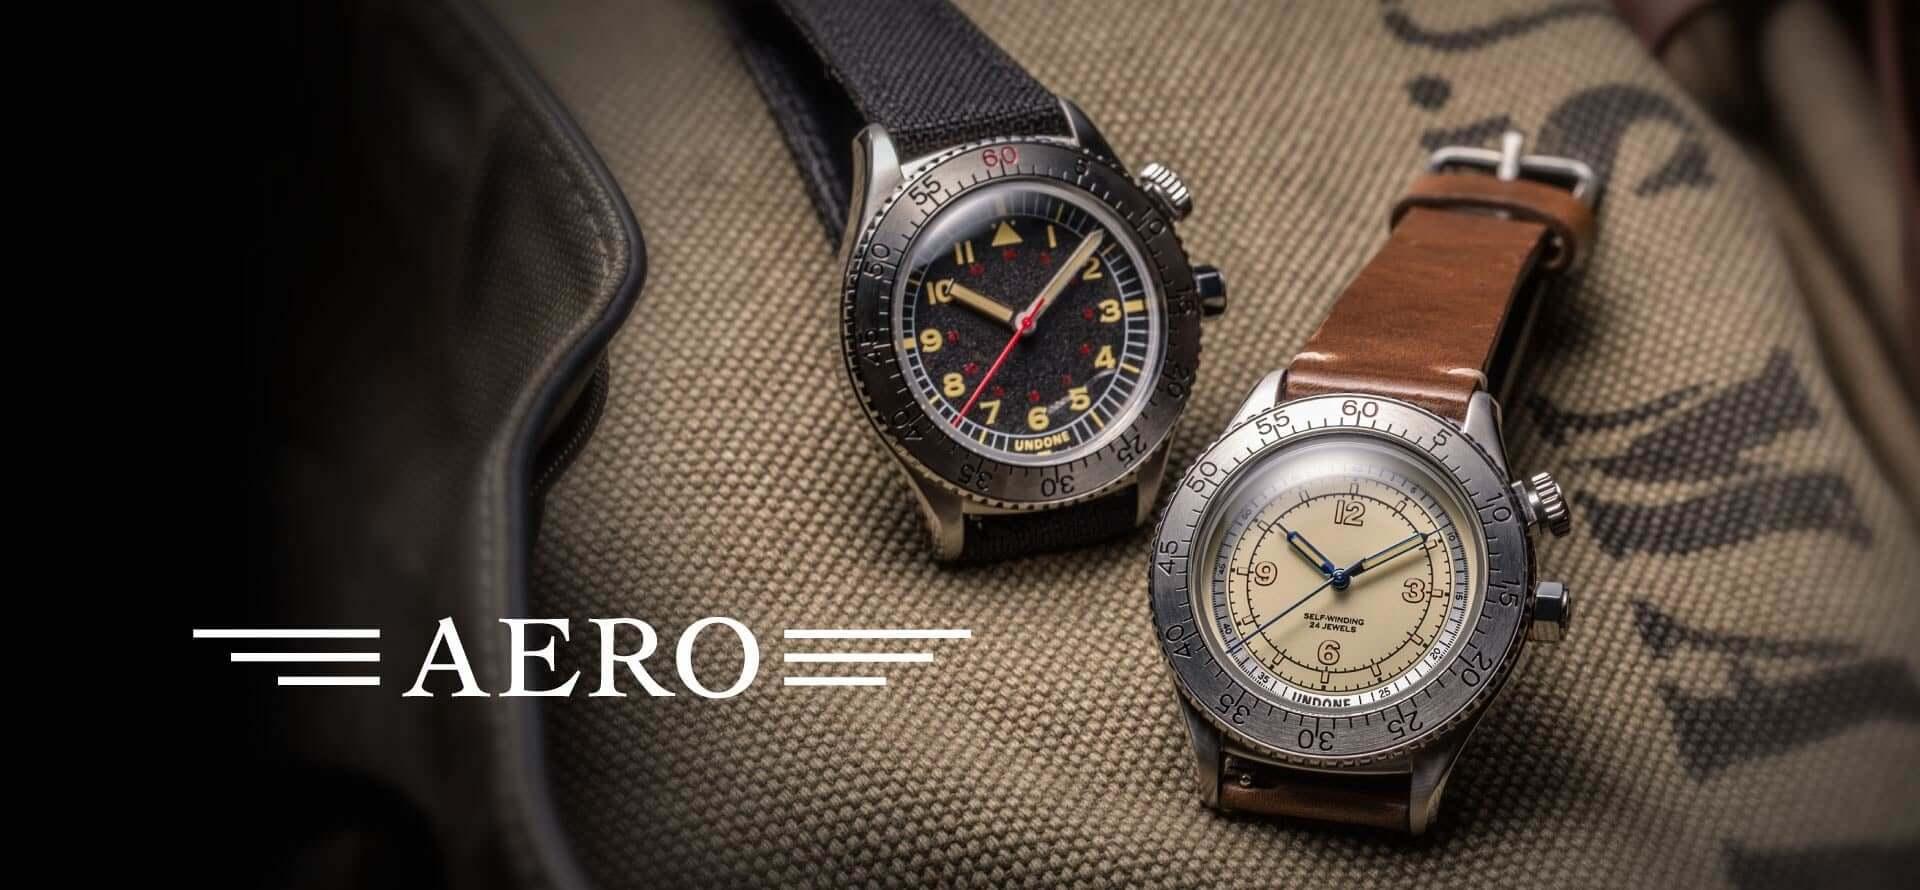 UNDONEがヴィンテージスタイルの新コレクション「AERO」を発売!ロック付き回転ベゼル搭載のパイロットウォッチが2型登場 tech200915_undone-aero_2-1920x890